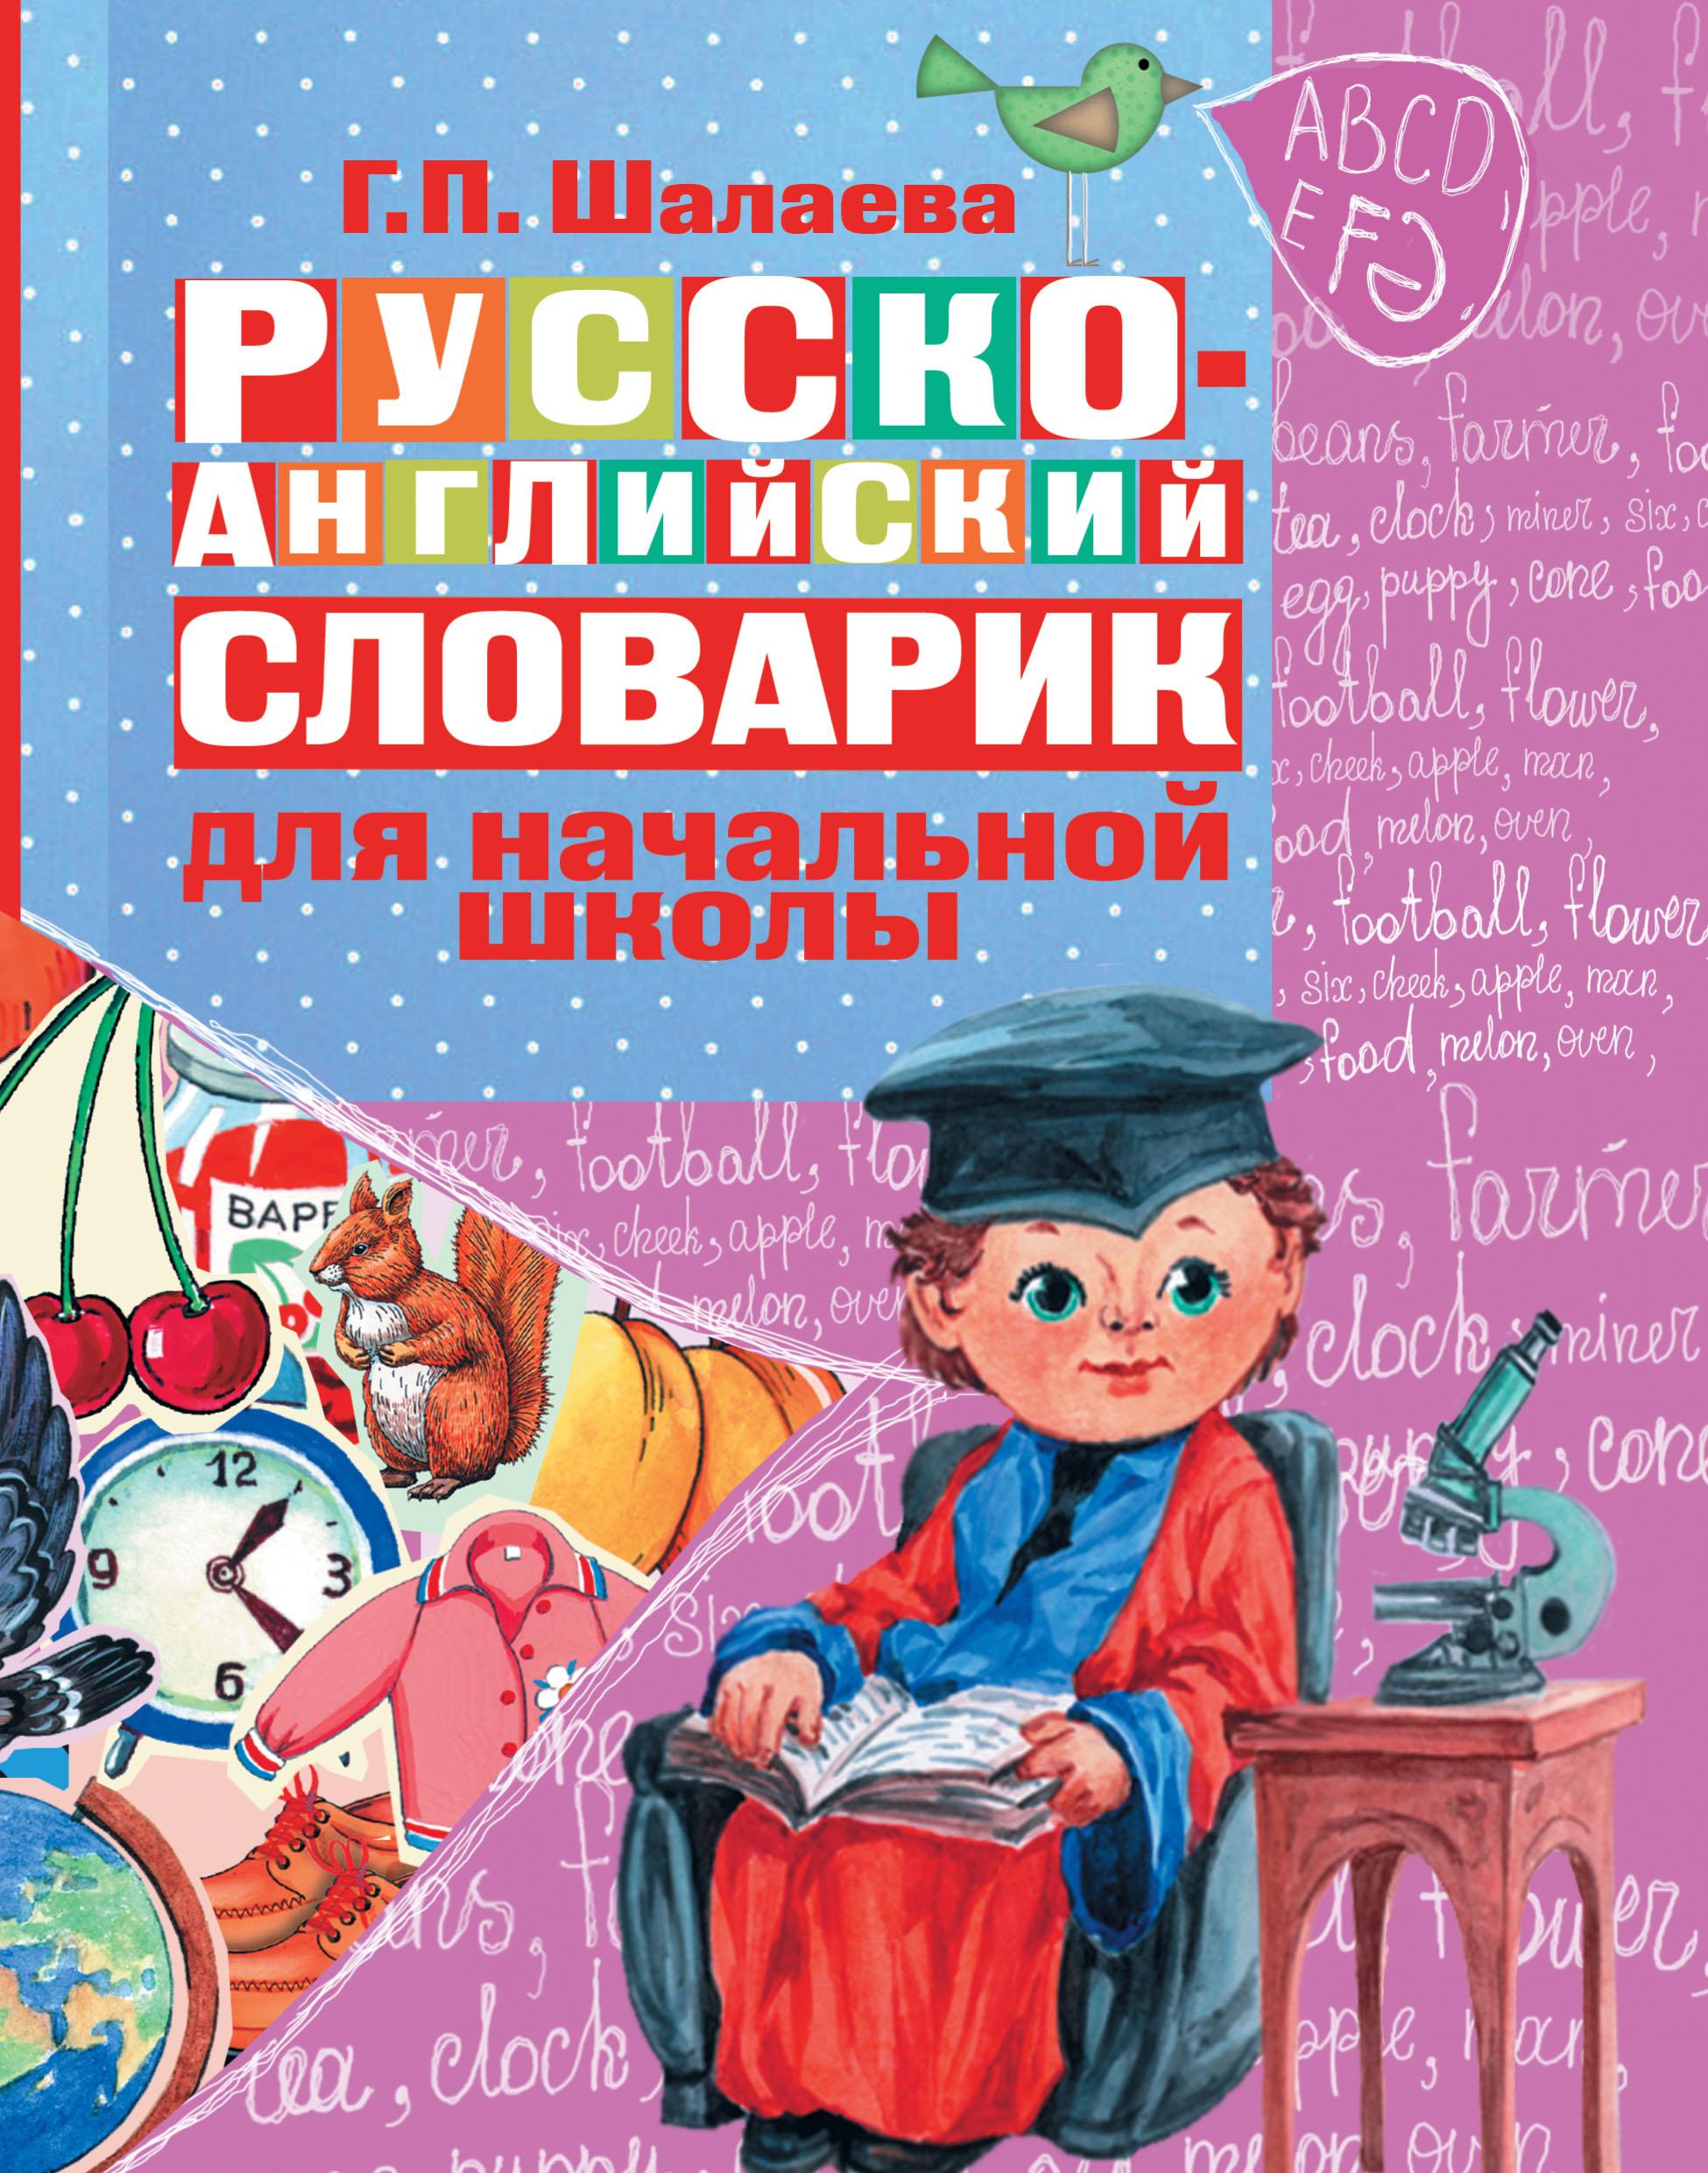 Г. П. Шалаева Русско-английский словарик в картинках для начальной школы шалаева г современная энц нач школы английский язык